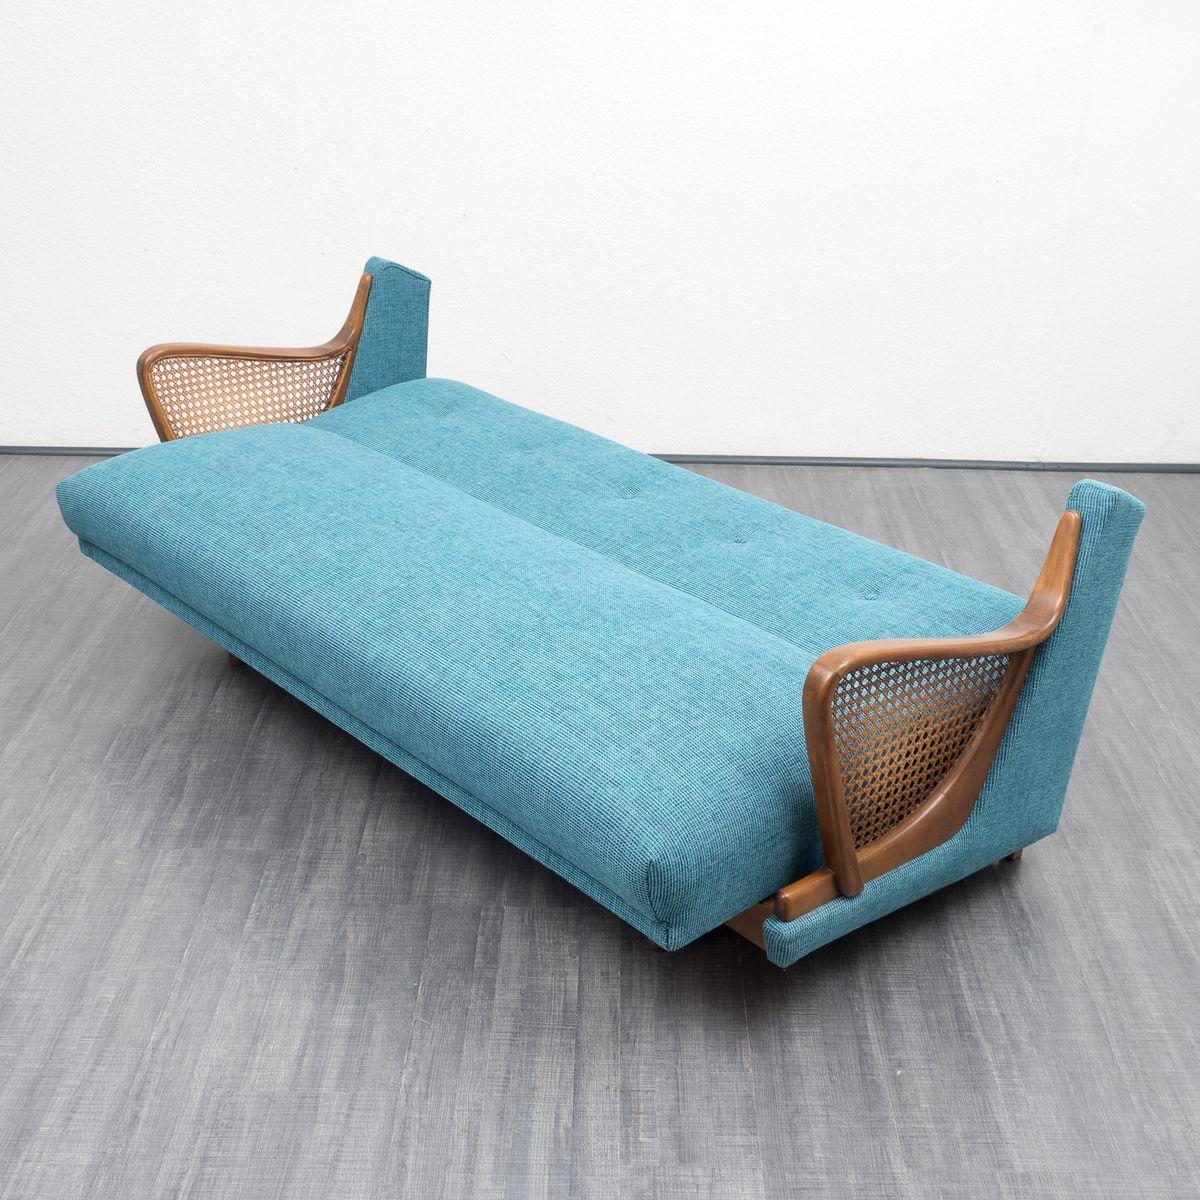 canap bleu p trole 1950s en vente sur pamono. Black Bedroom Furniture Sets. Home Design Ideas